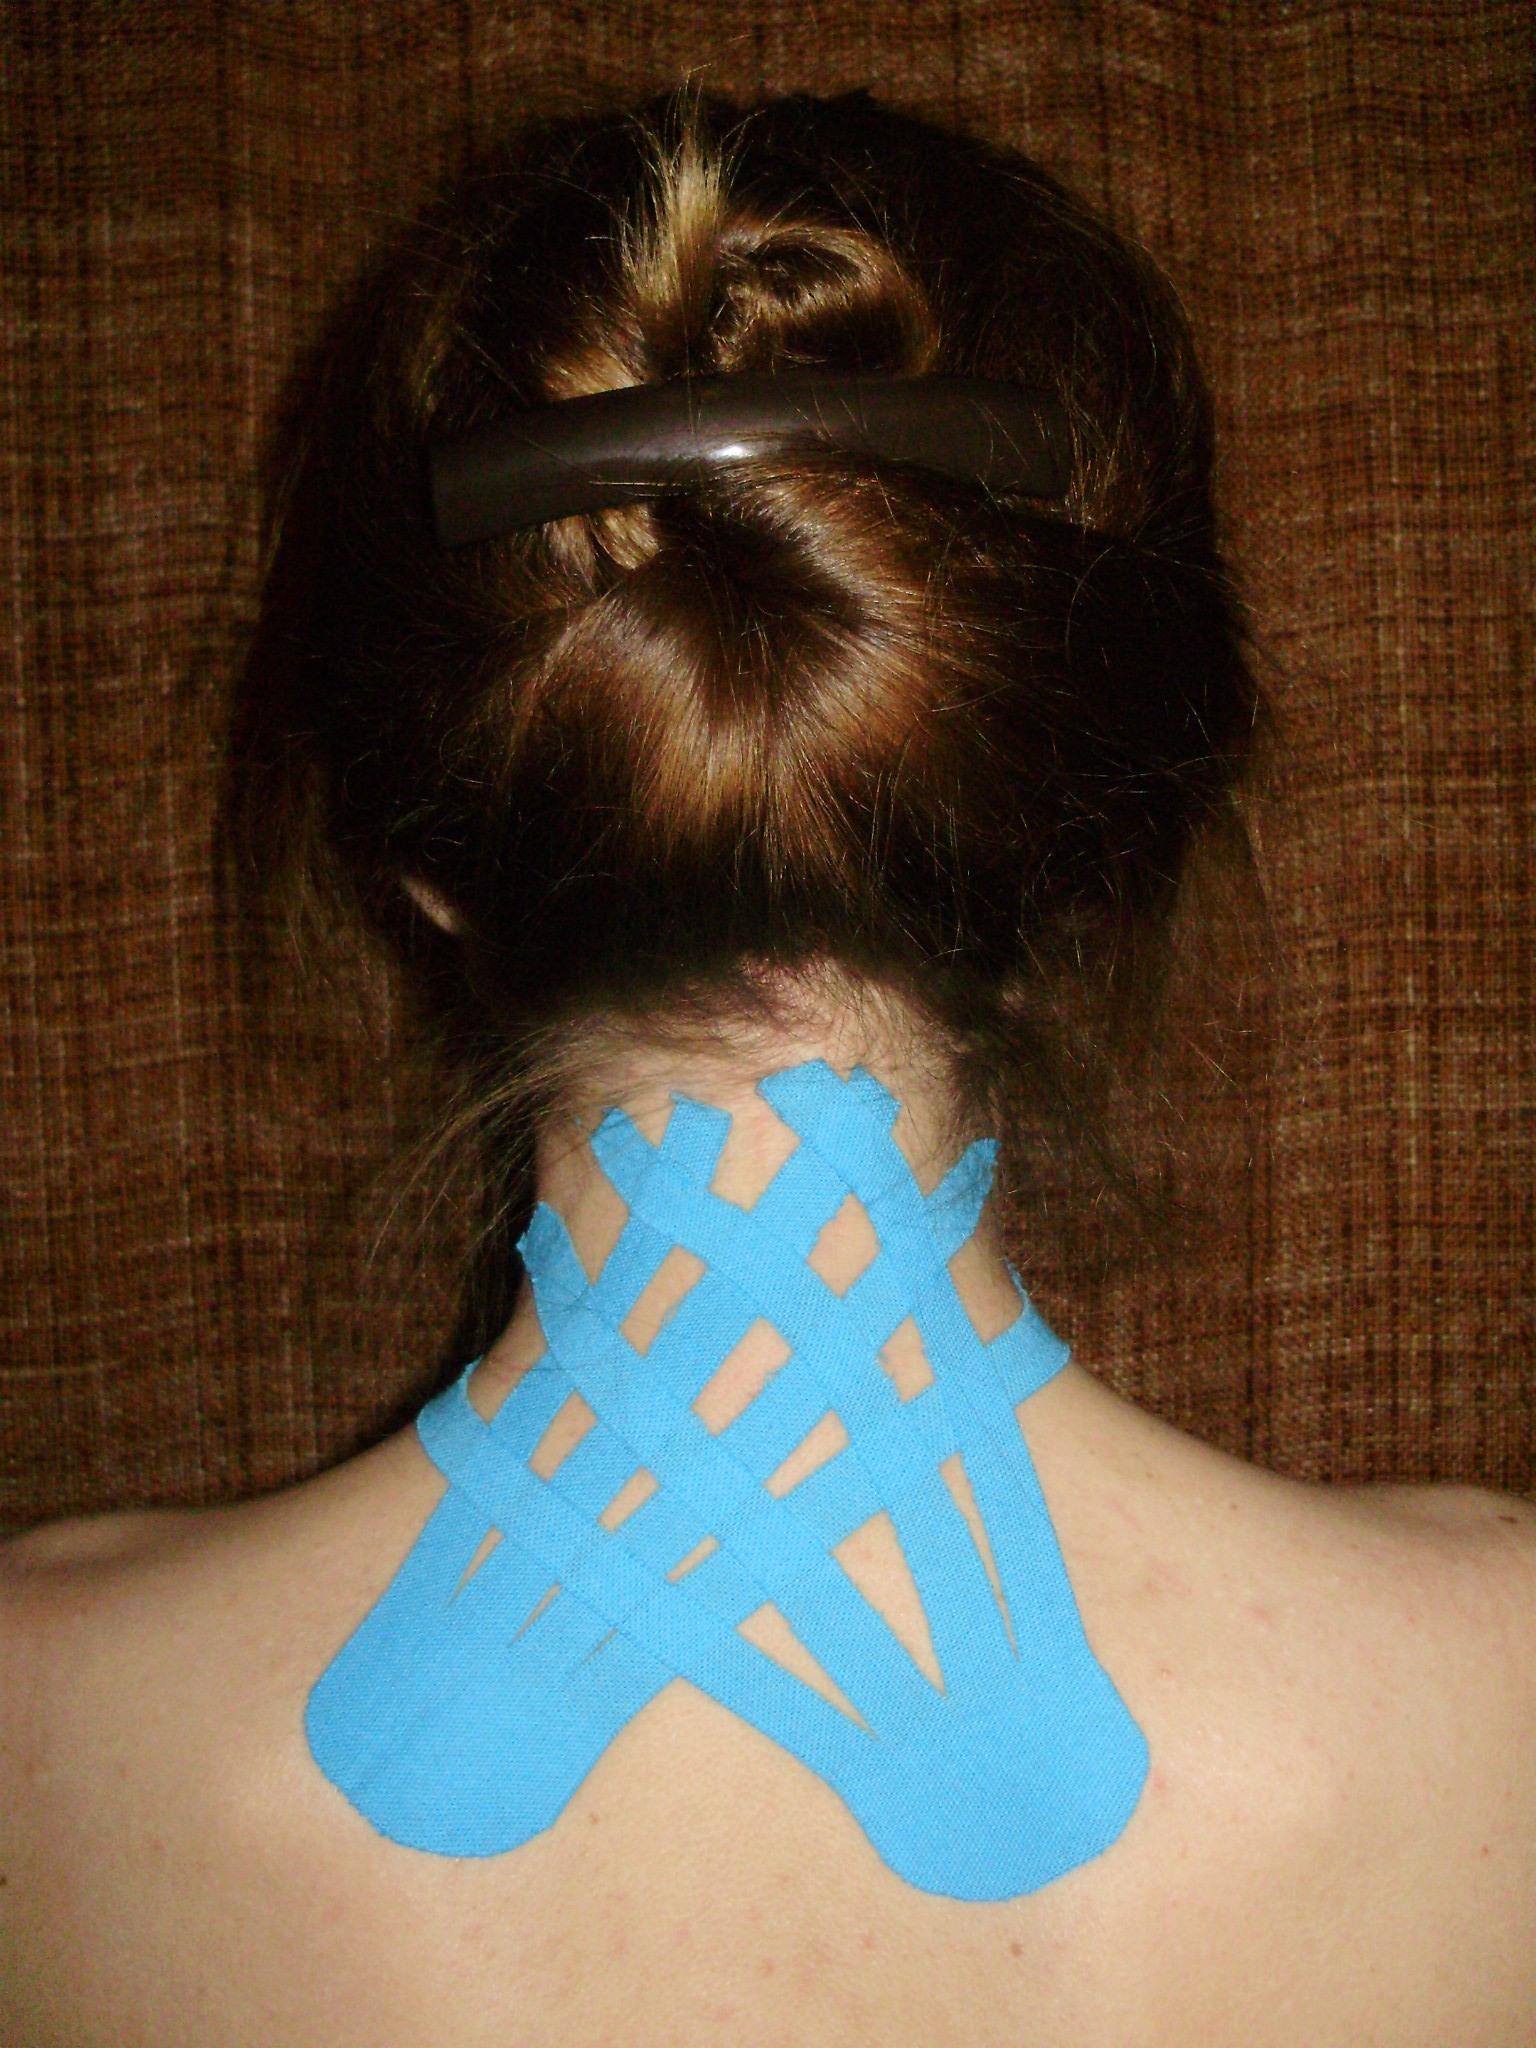 5 szybkich sposobów na powstrzymanie bólu pleców po całym dniu siedzenia bez ćwiczeń